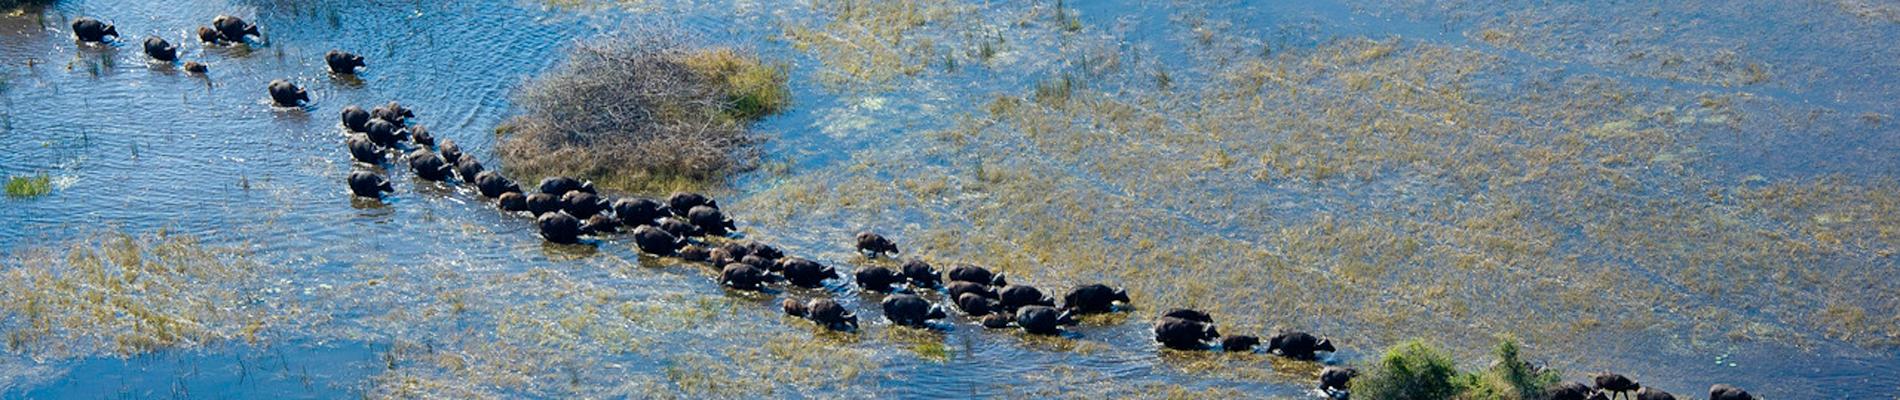 buffle-okavango-botswana